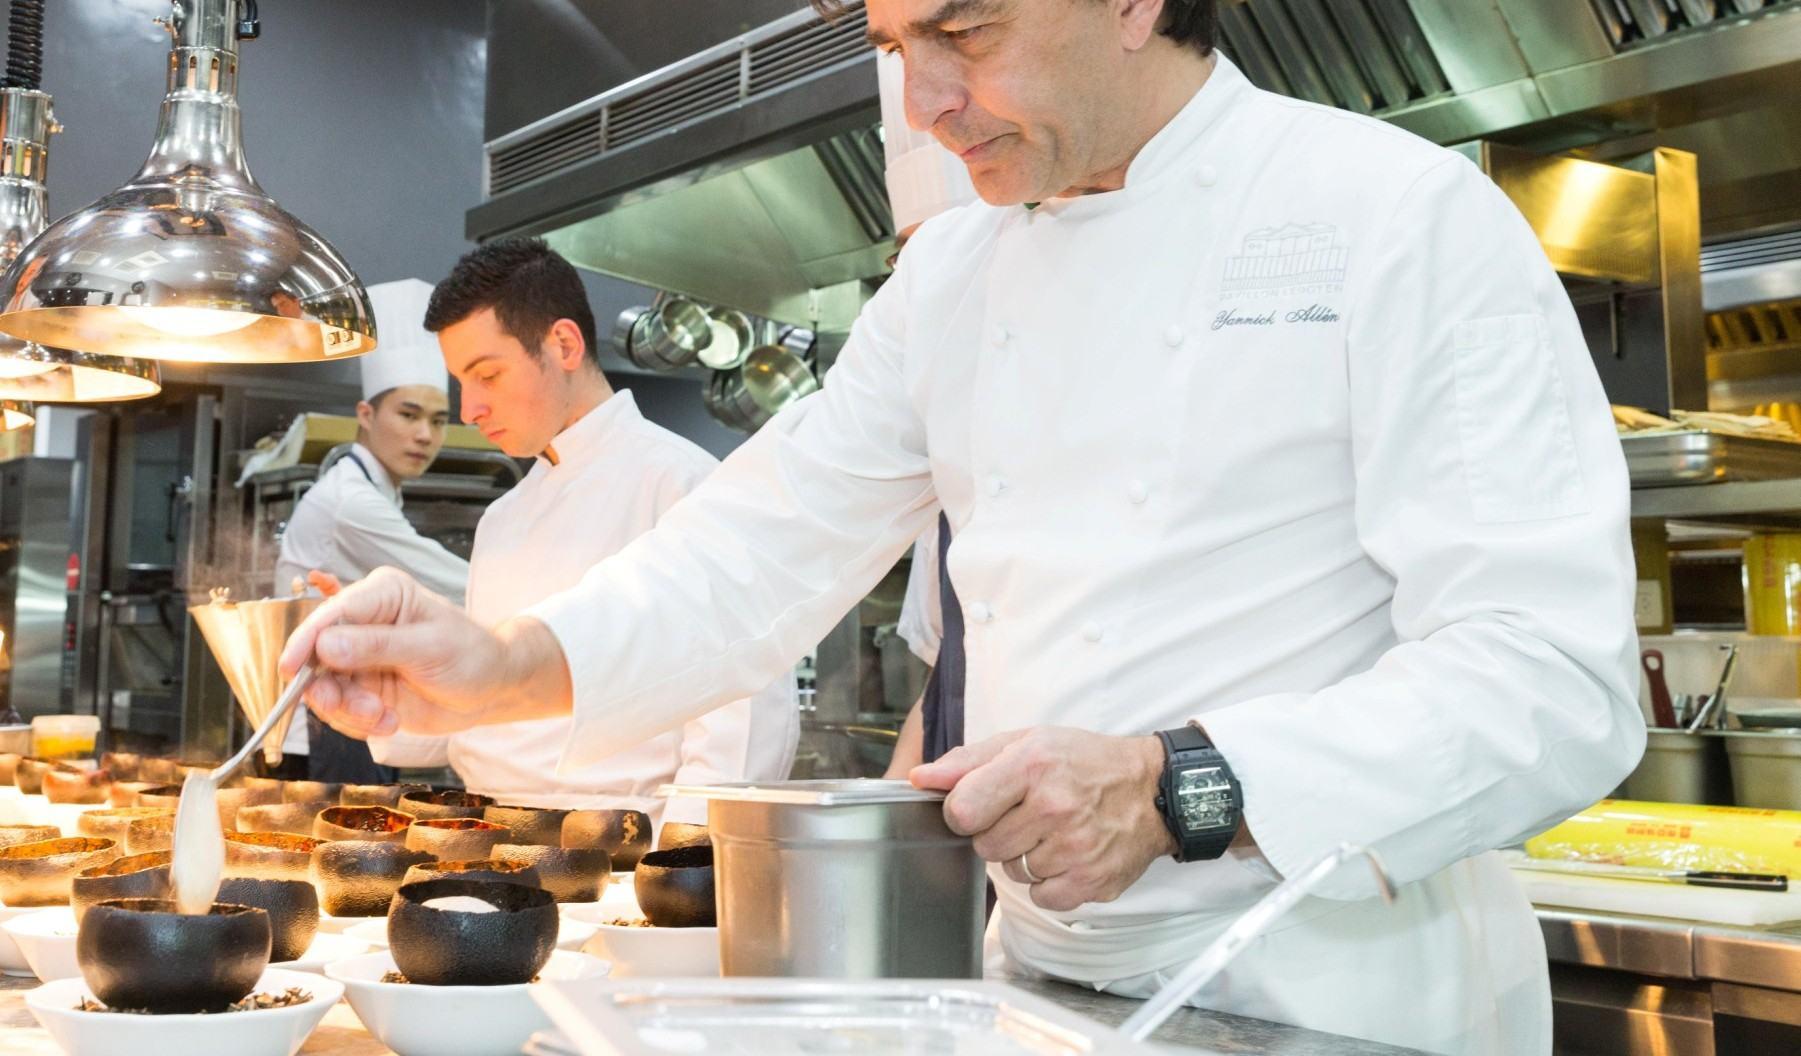 宇舶錶品牌大使、名廚亞尼克.亞蘭諾(Yannick Alléno)親自款待台灣宇舶錶貴賓